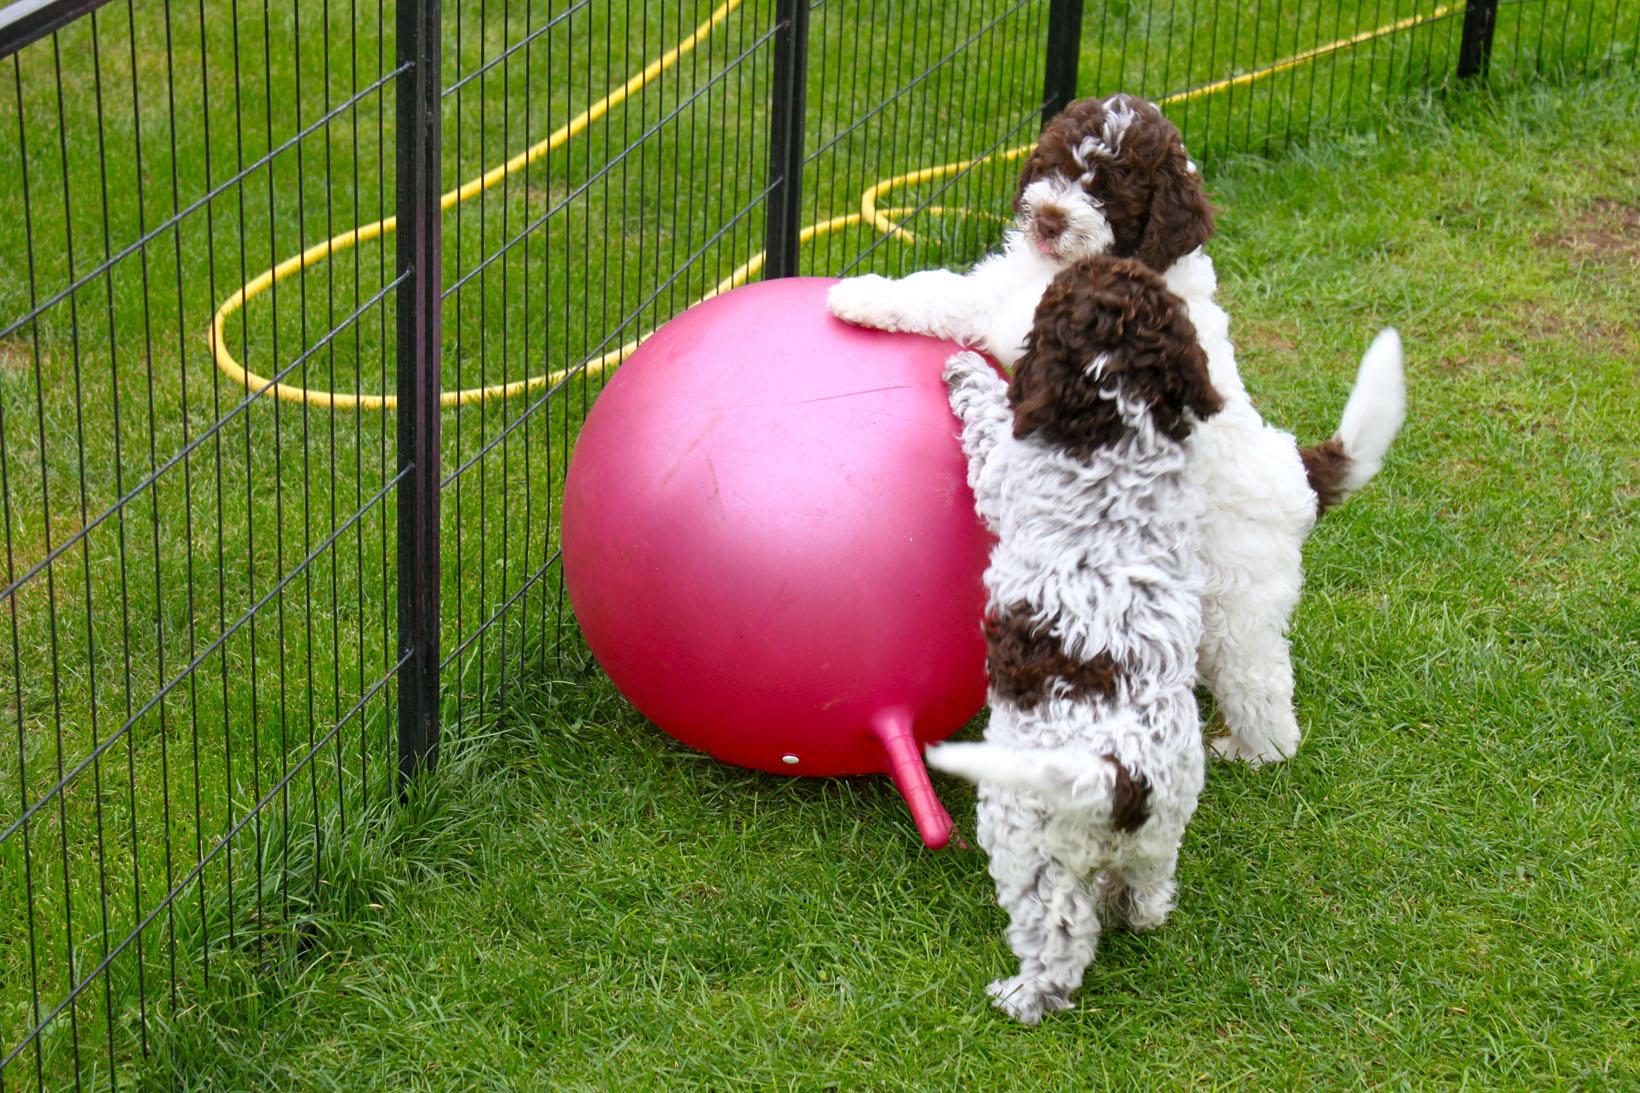 ein Riesenball